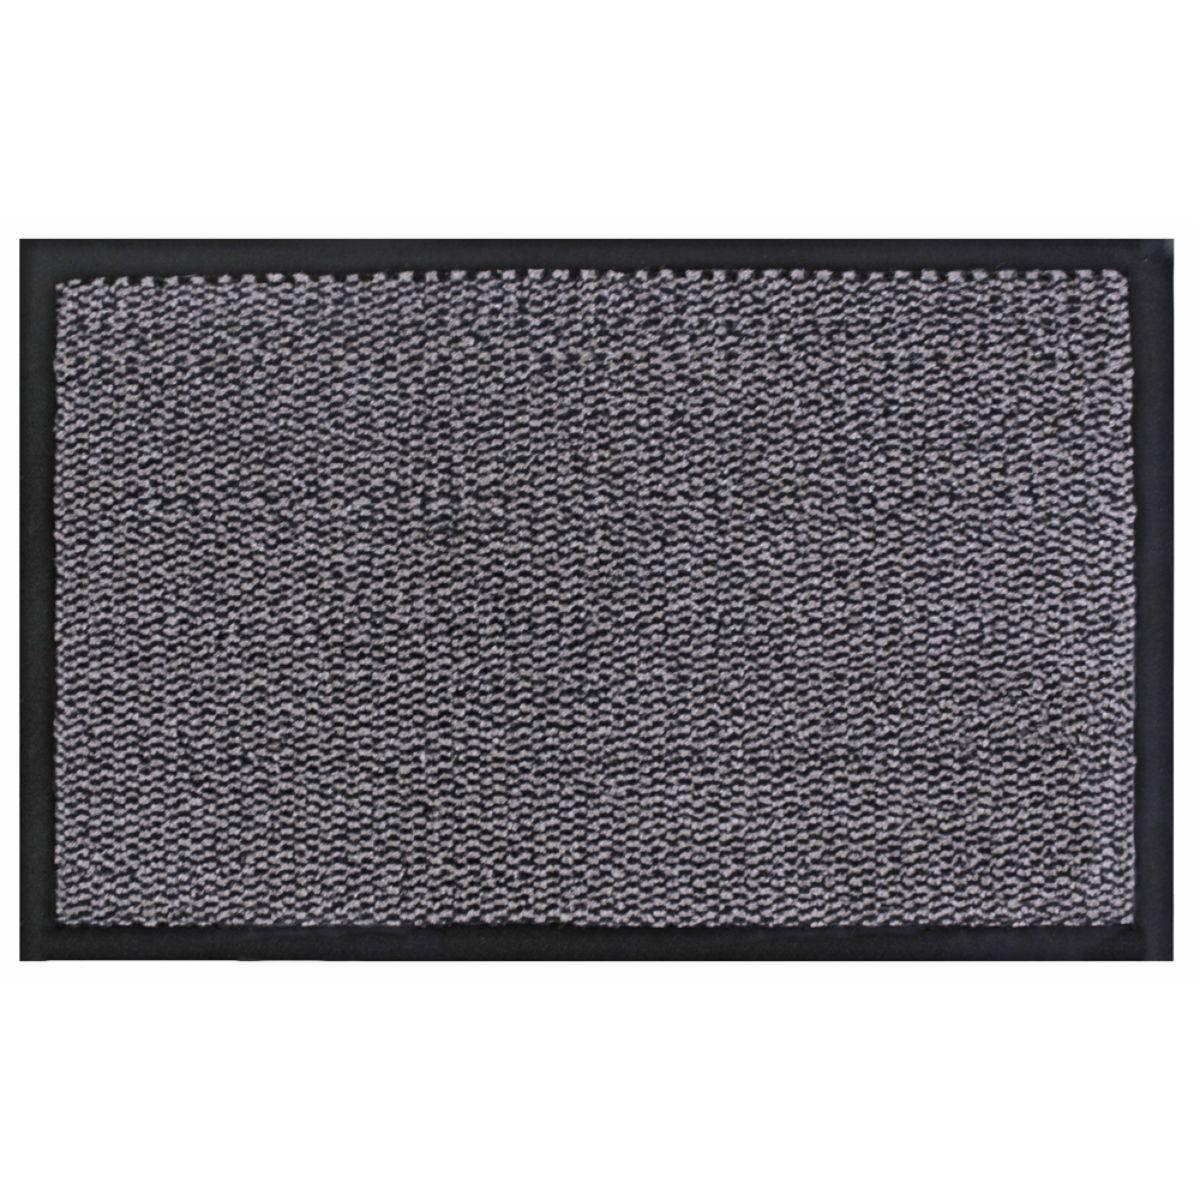 JVL Heavy Duty Commodore Backed Barrier Door Floor Mat Grey/Black 80 x 120 cm